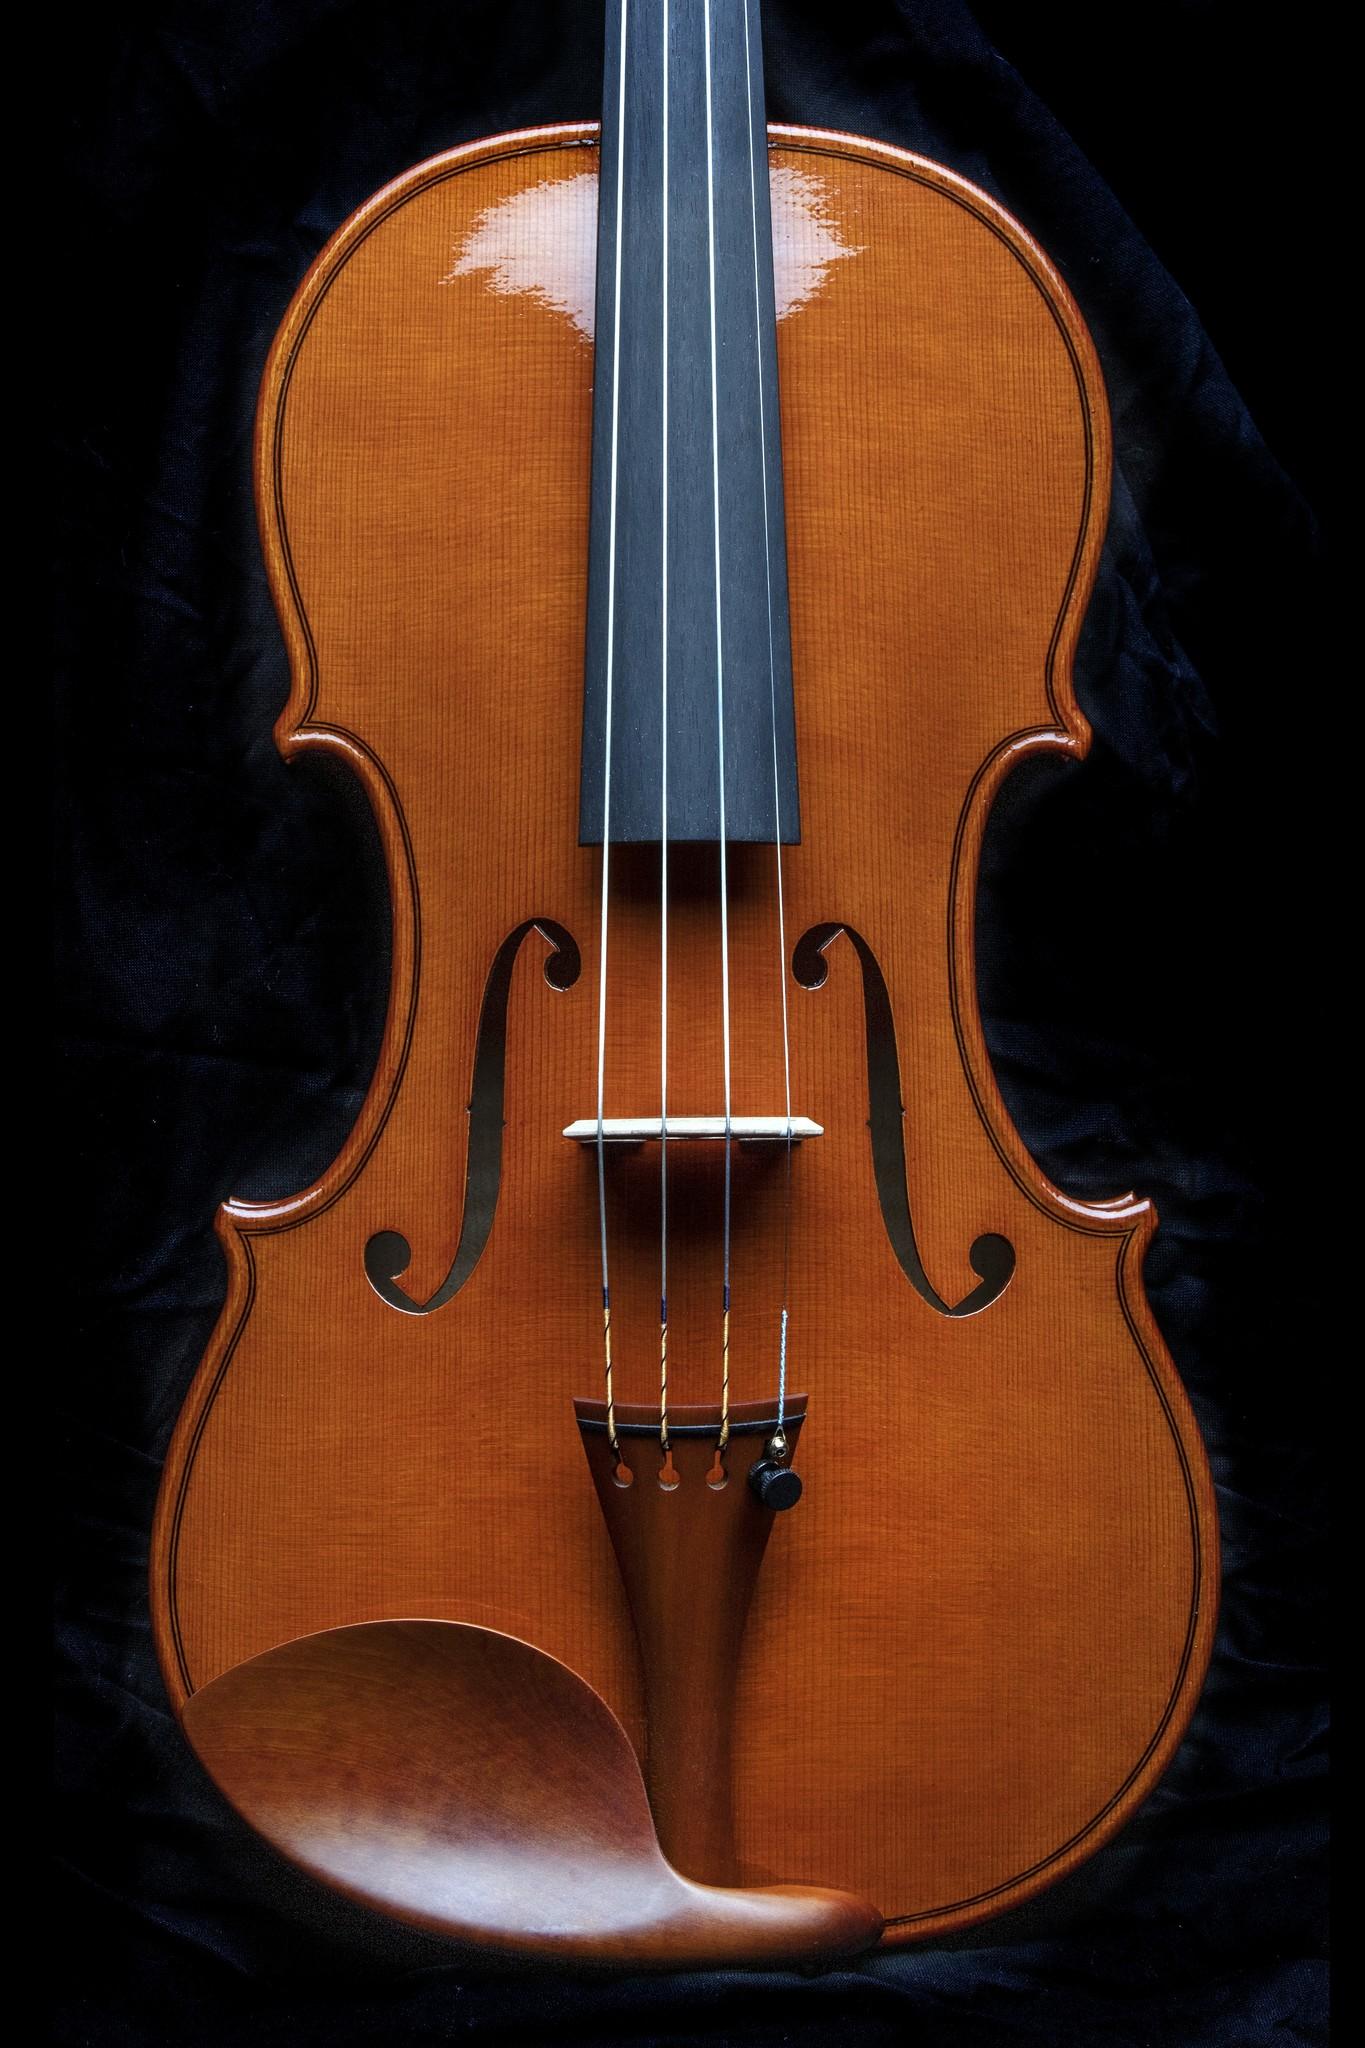 Dirk Henry violin, 2020, Omaha NE #32